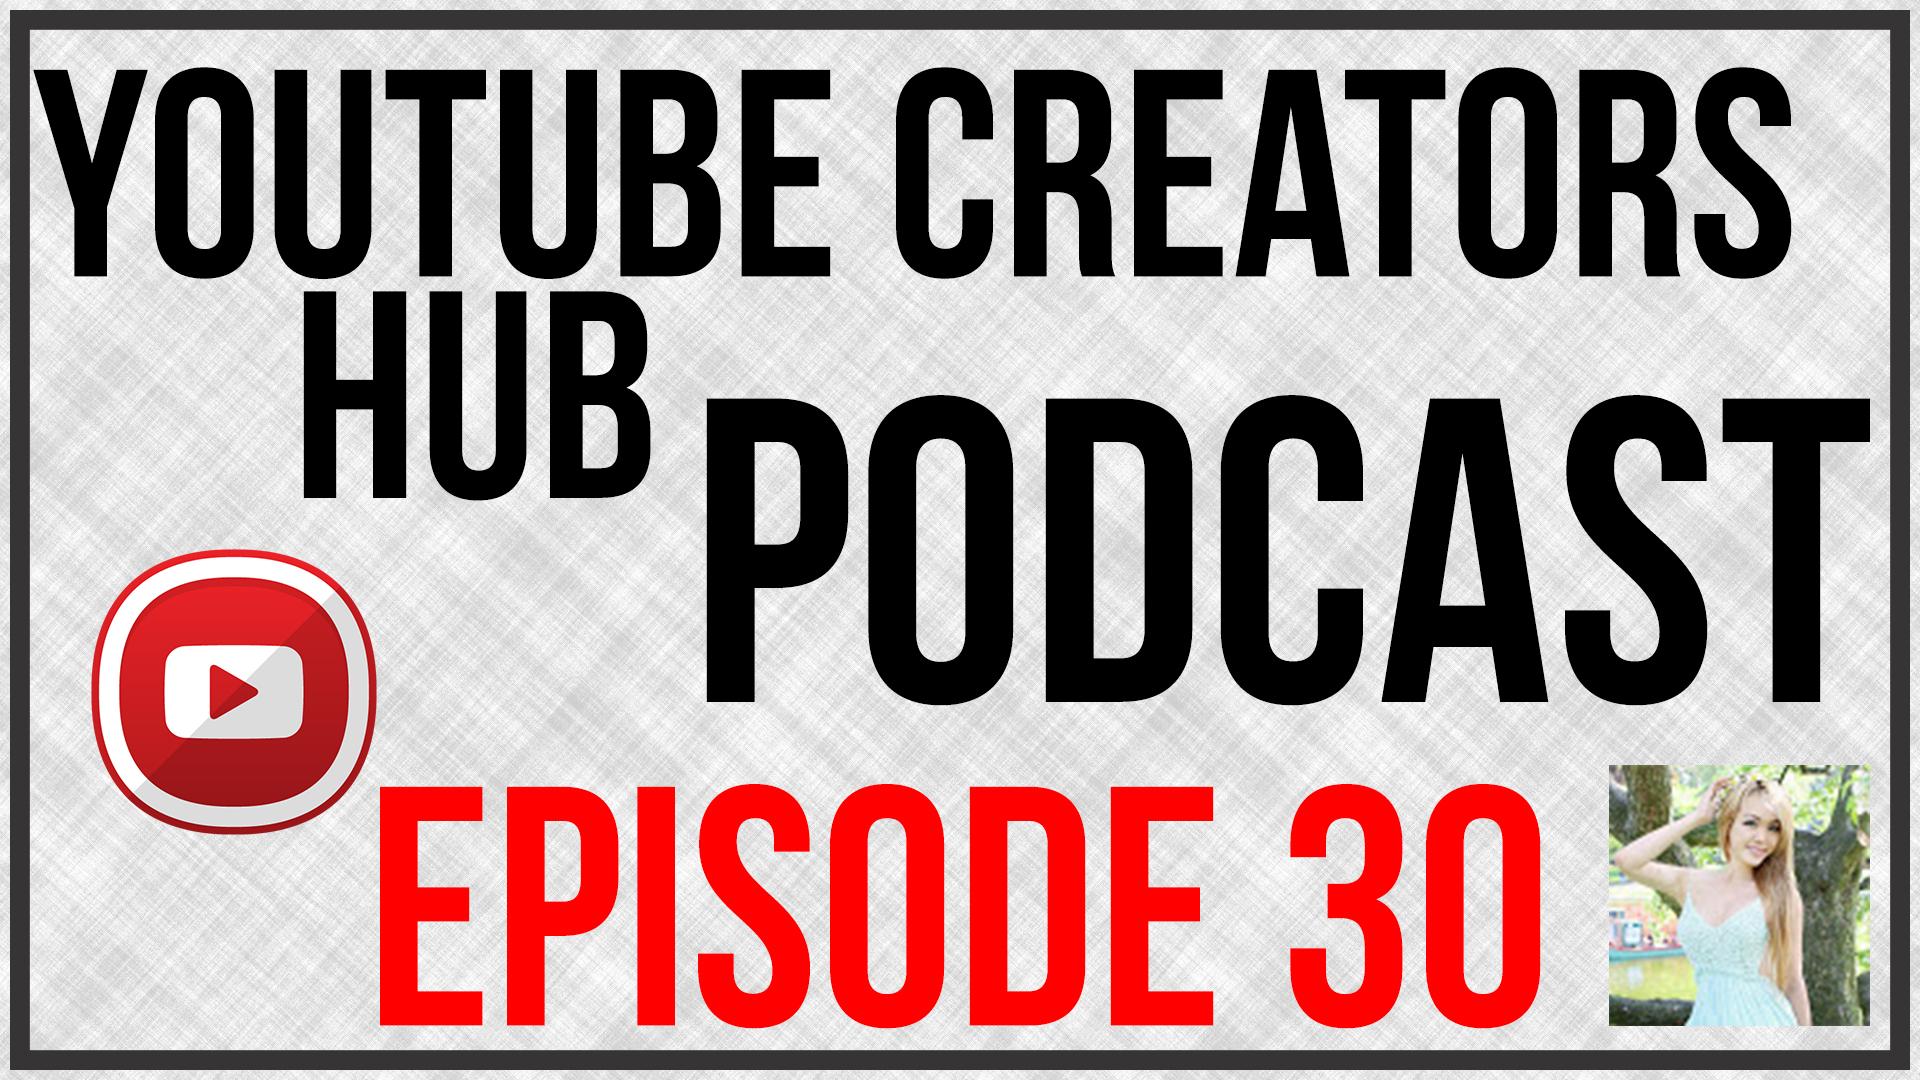 YouTube Creators Hub Episode 32